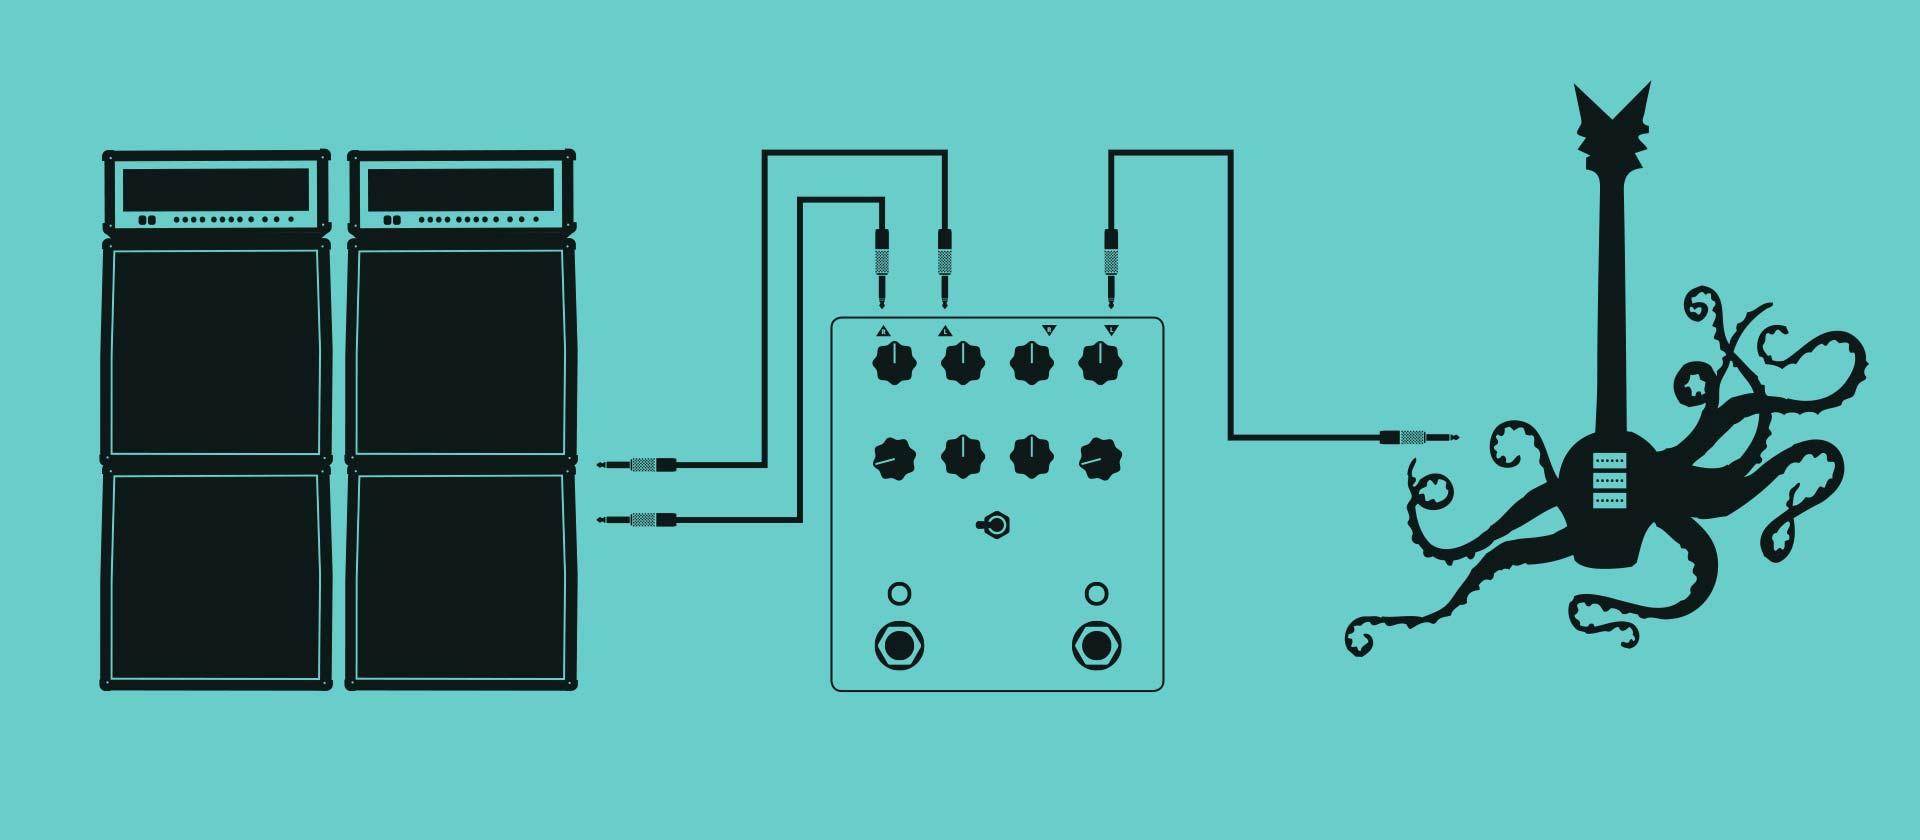 モノ入力とステレオアウトプットで使用の場合  ご使用の楽器をLeftインプットに入力して、アウトプットのLeftとRightから、次のステレオ仕様のペダル、またはDAWや2台のアンプに接続してください。